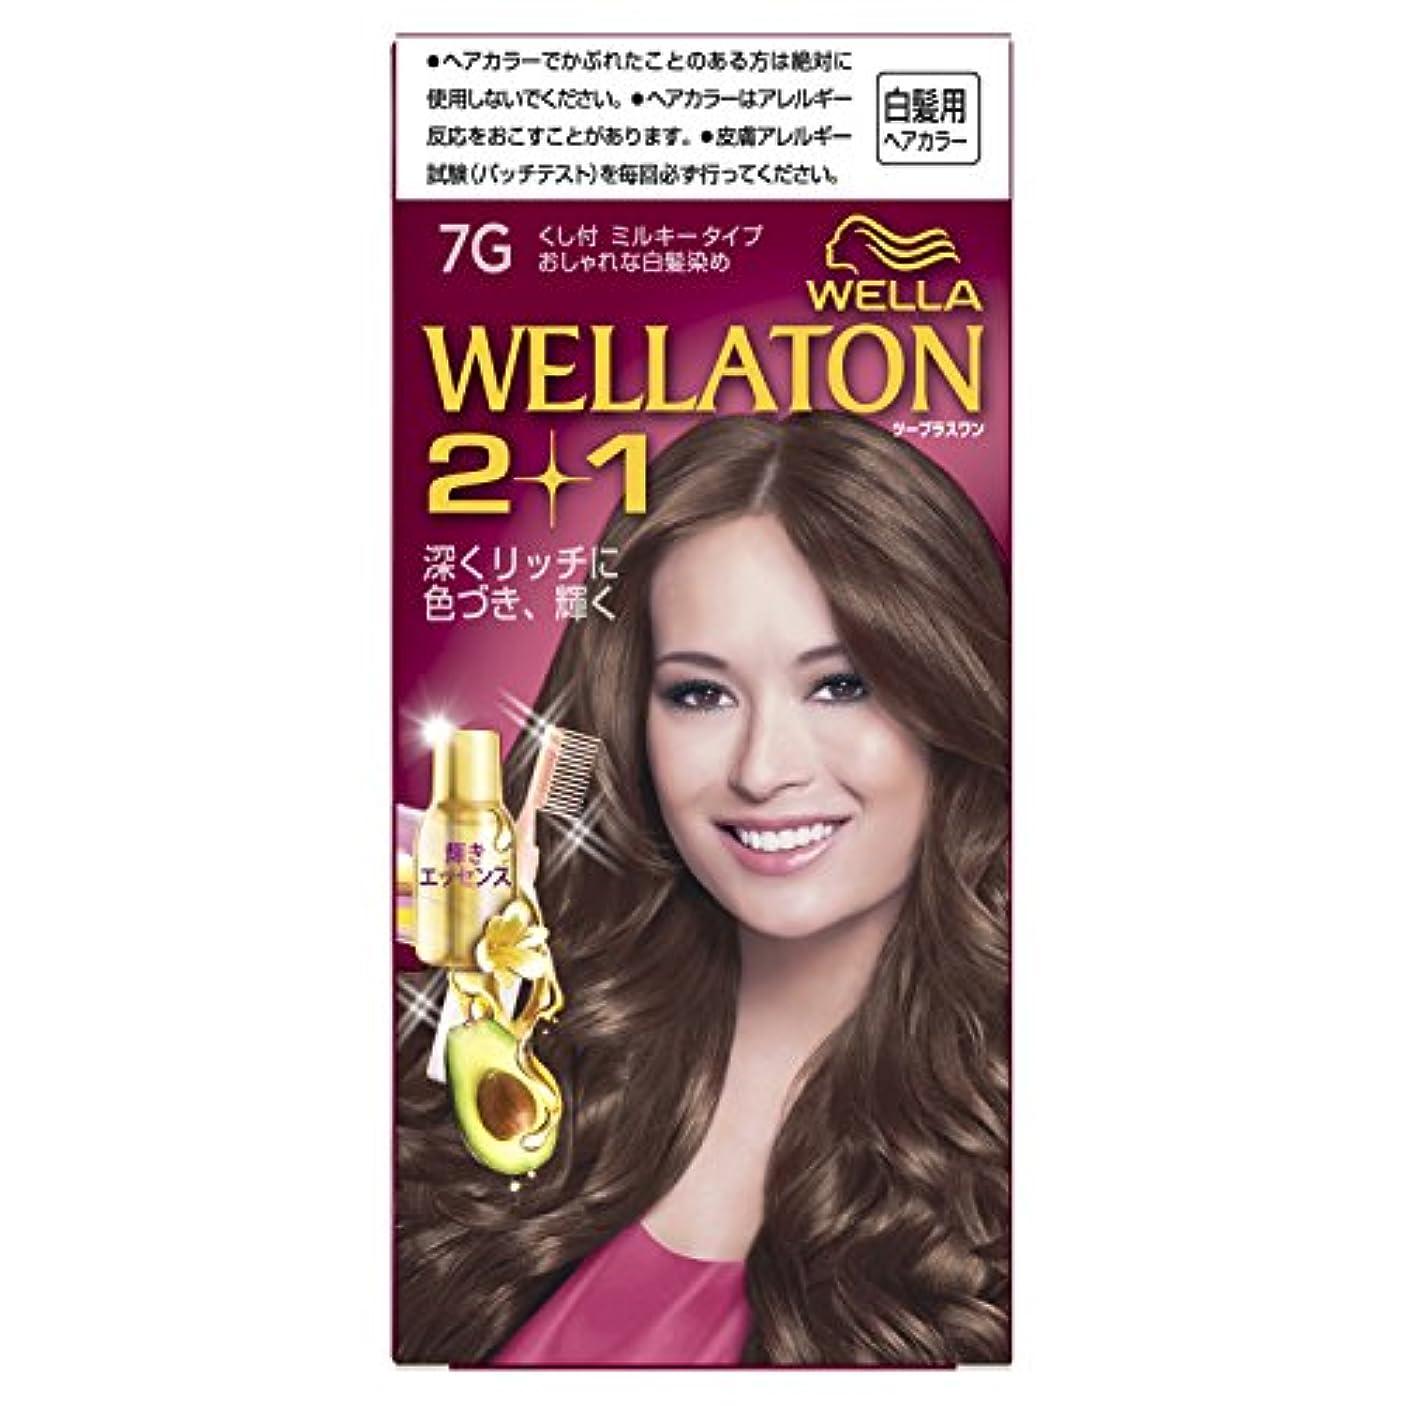 論争数ピアノを弾くウエラトーン2+1 くし付ミルキータイプ 7G [医薬部外品](おしゃれな白髪染め)